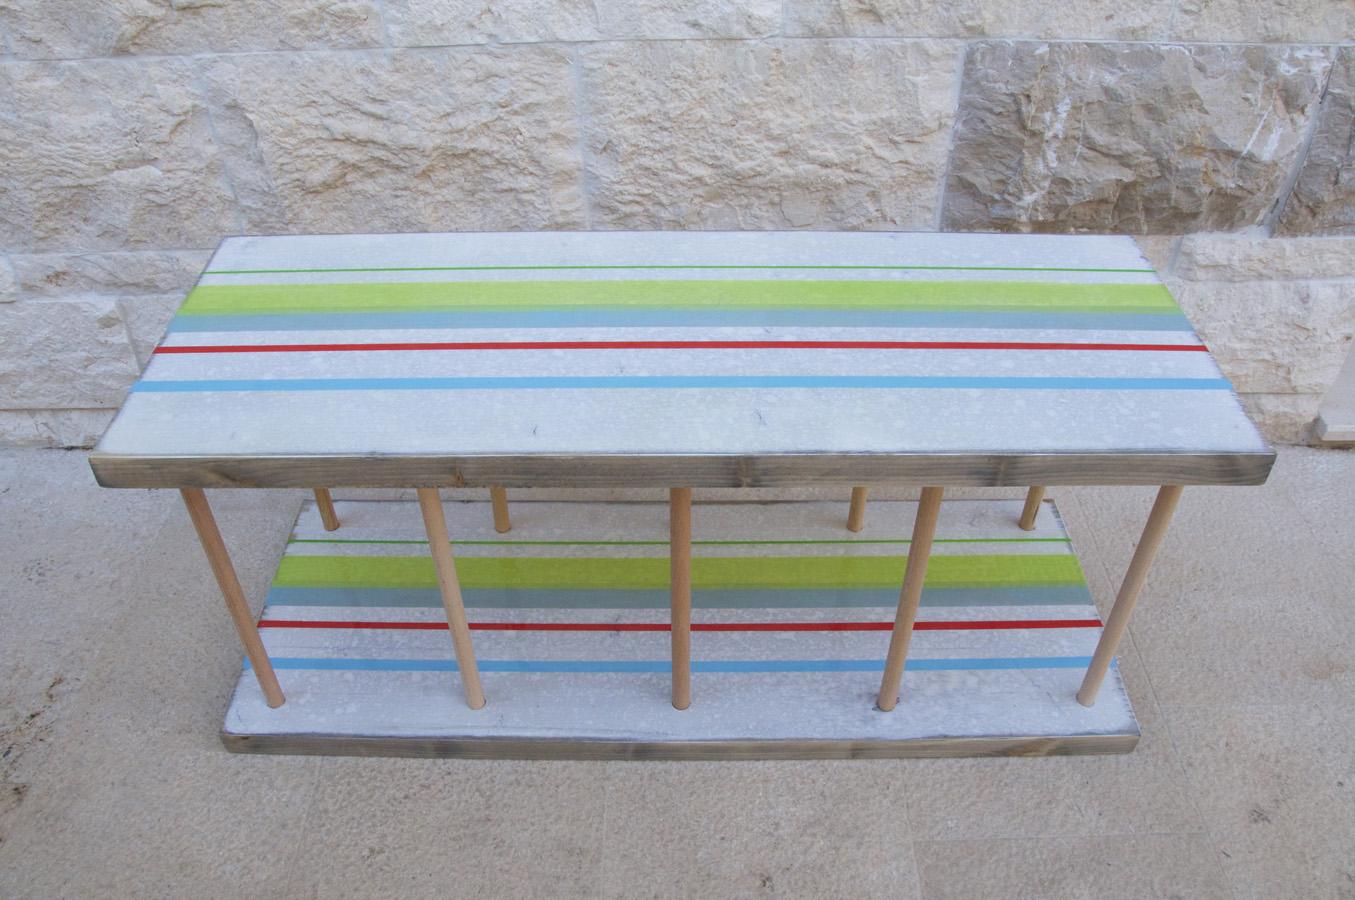 Freydenberg_Table_bench_2.jpg